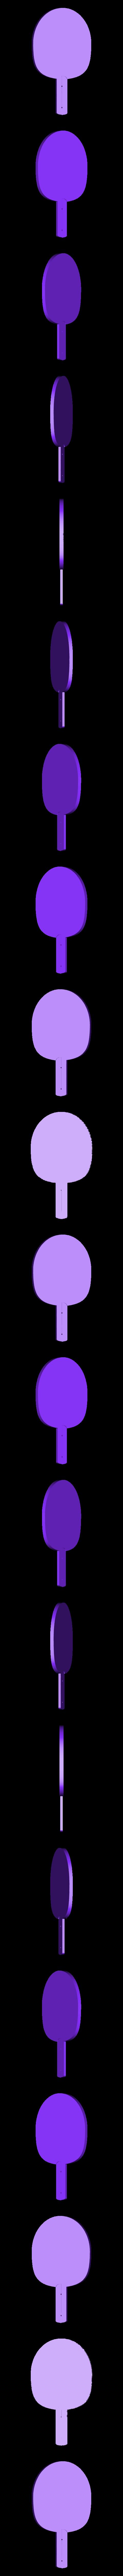 body_v3.stl Télécharger fichier STL gratuit Ping Pong tennis de table • Design pour impression 3D, 3D-mon